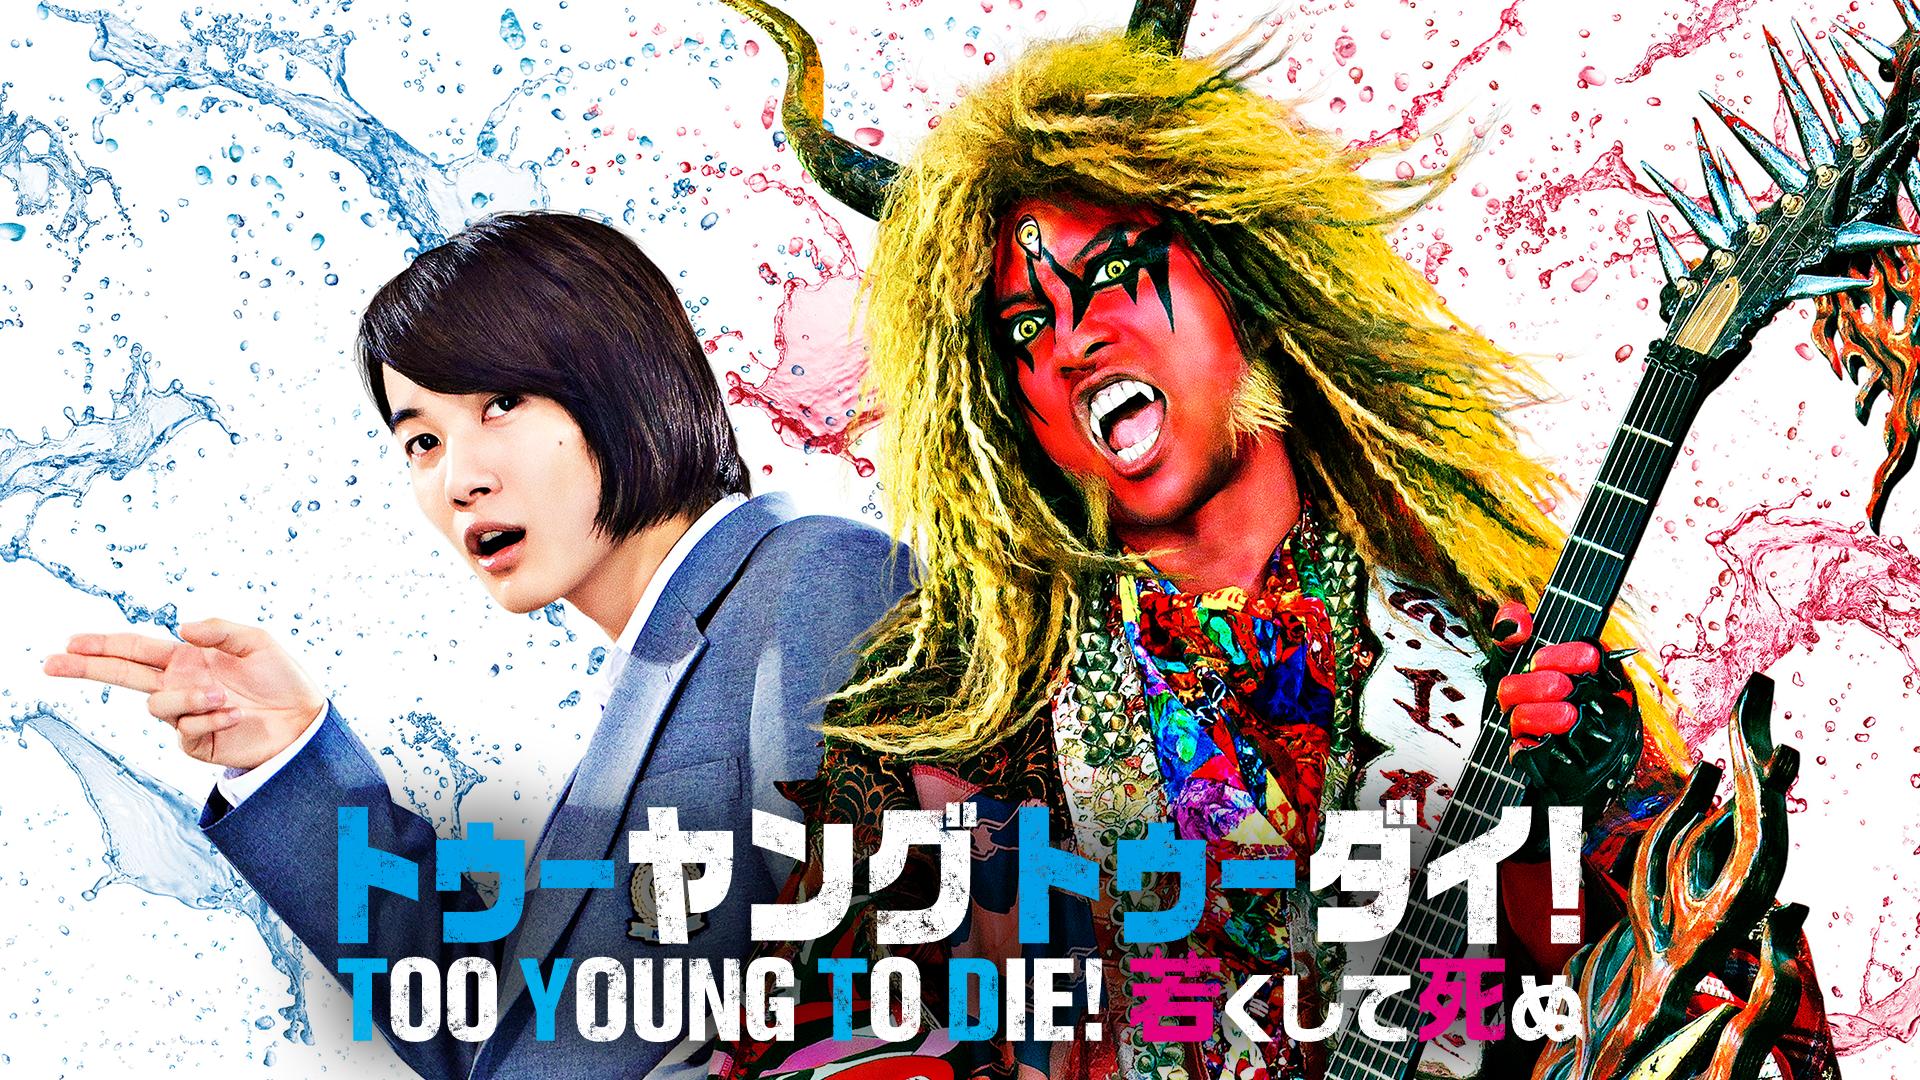 映画『TOO YOUNG TO DIE!若くして死ぬ』無料動画!フル視聴できる方法を調査!おすすめ動画配信サービスは?